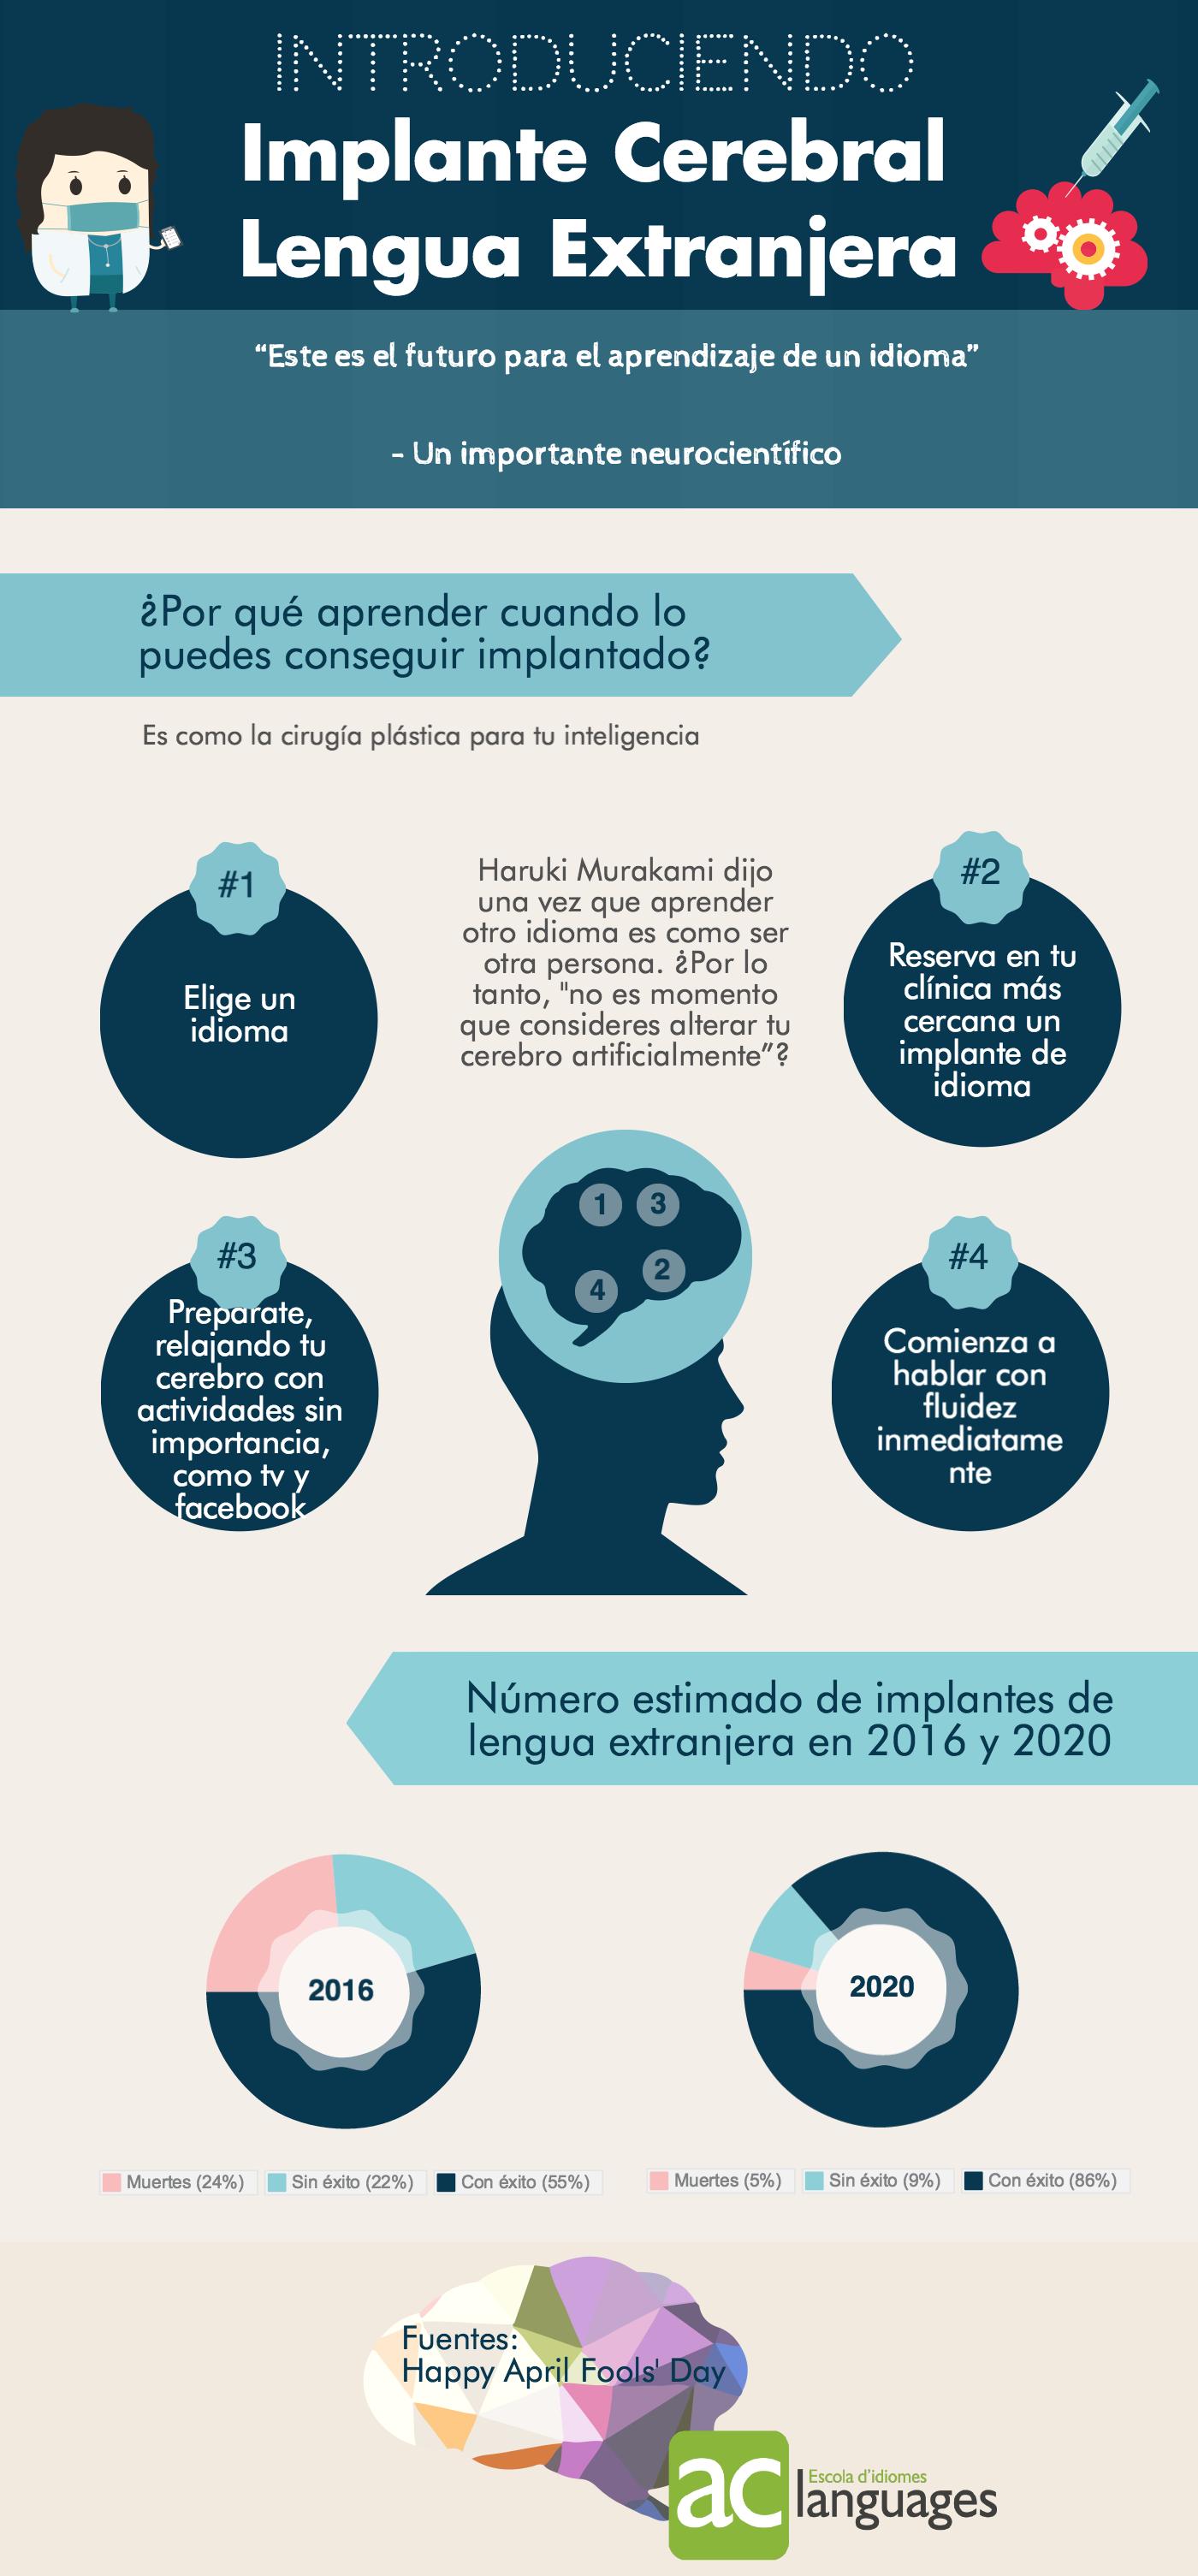 el-implante-de-cerebro-de-una-lengua-extranjera-2